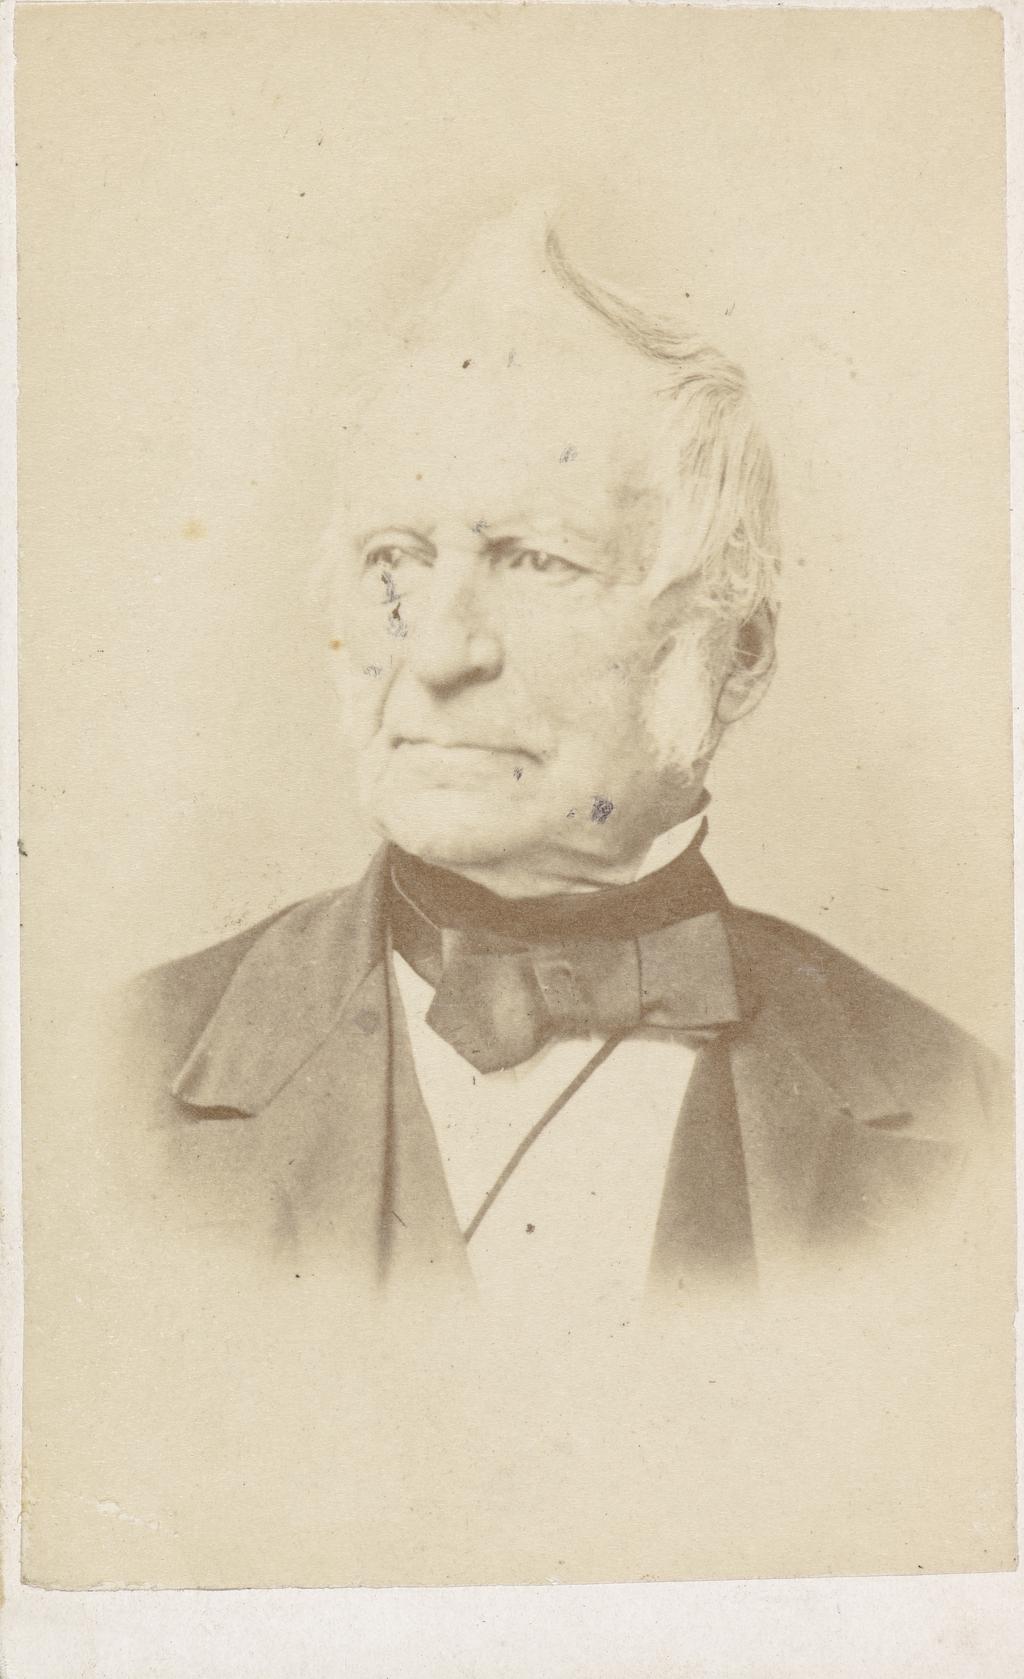 Louis-Joseph Papineau, de l'album de collection dit de Napoléon Garneau